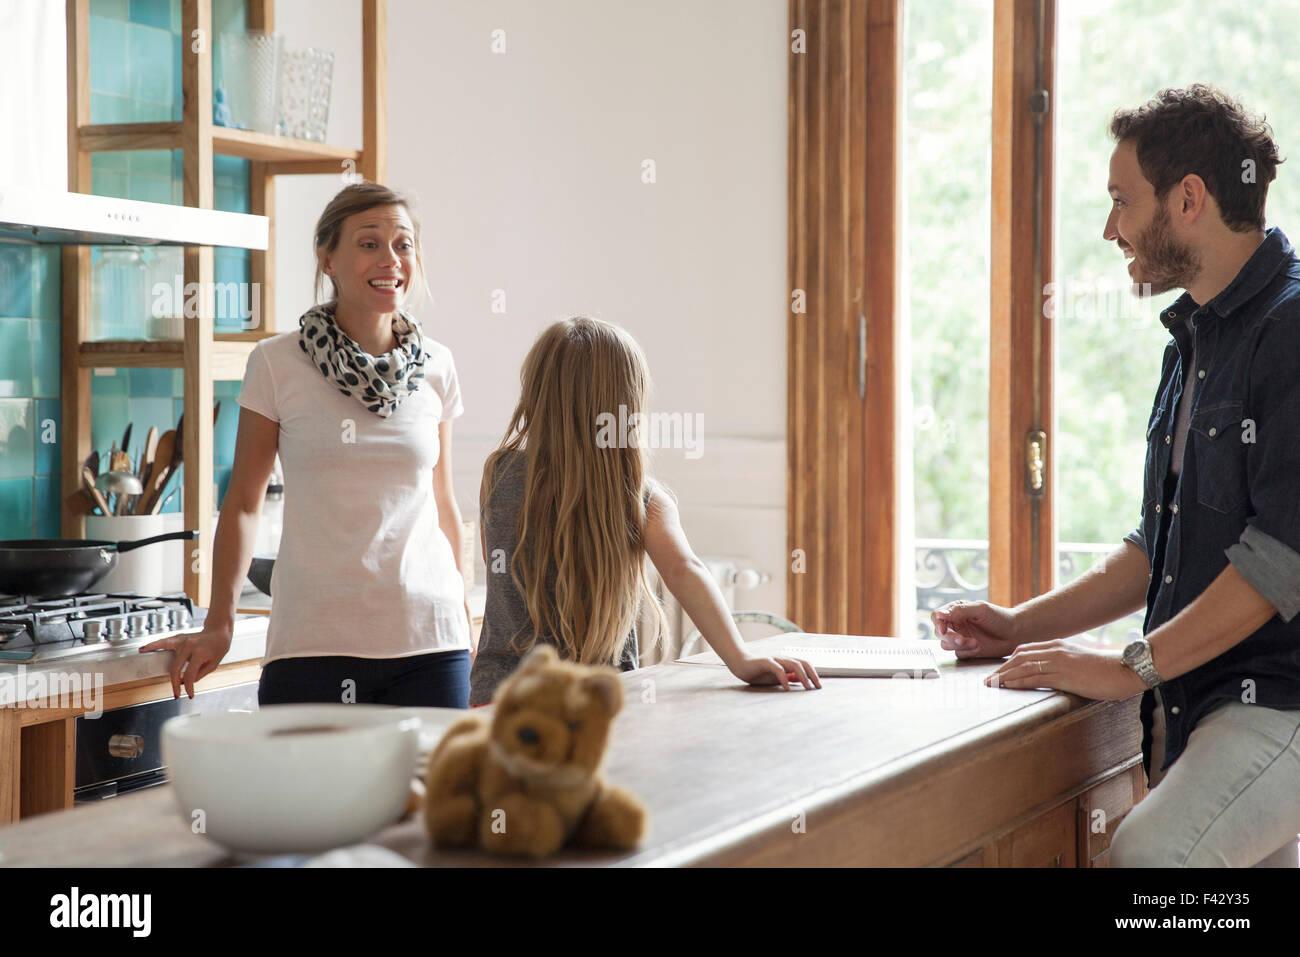 Familie zu Hause Zeit miteinander zu verbringen Stockbild